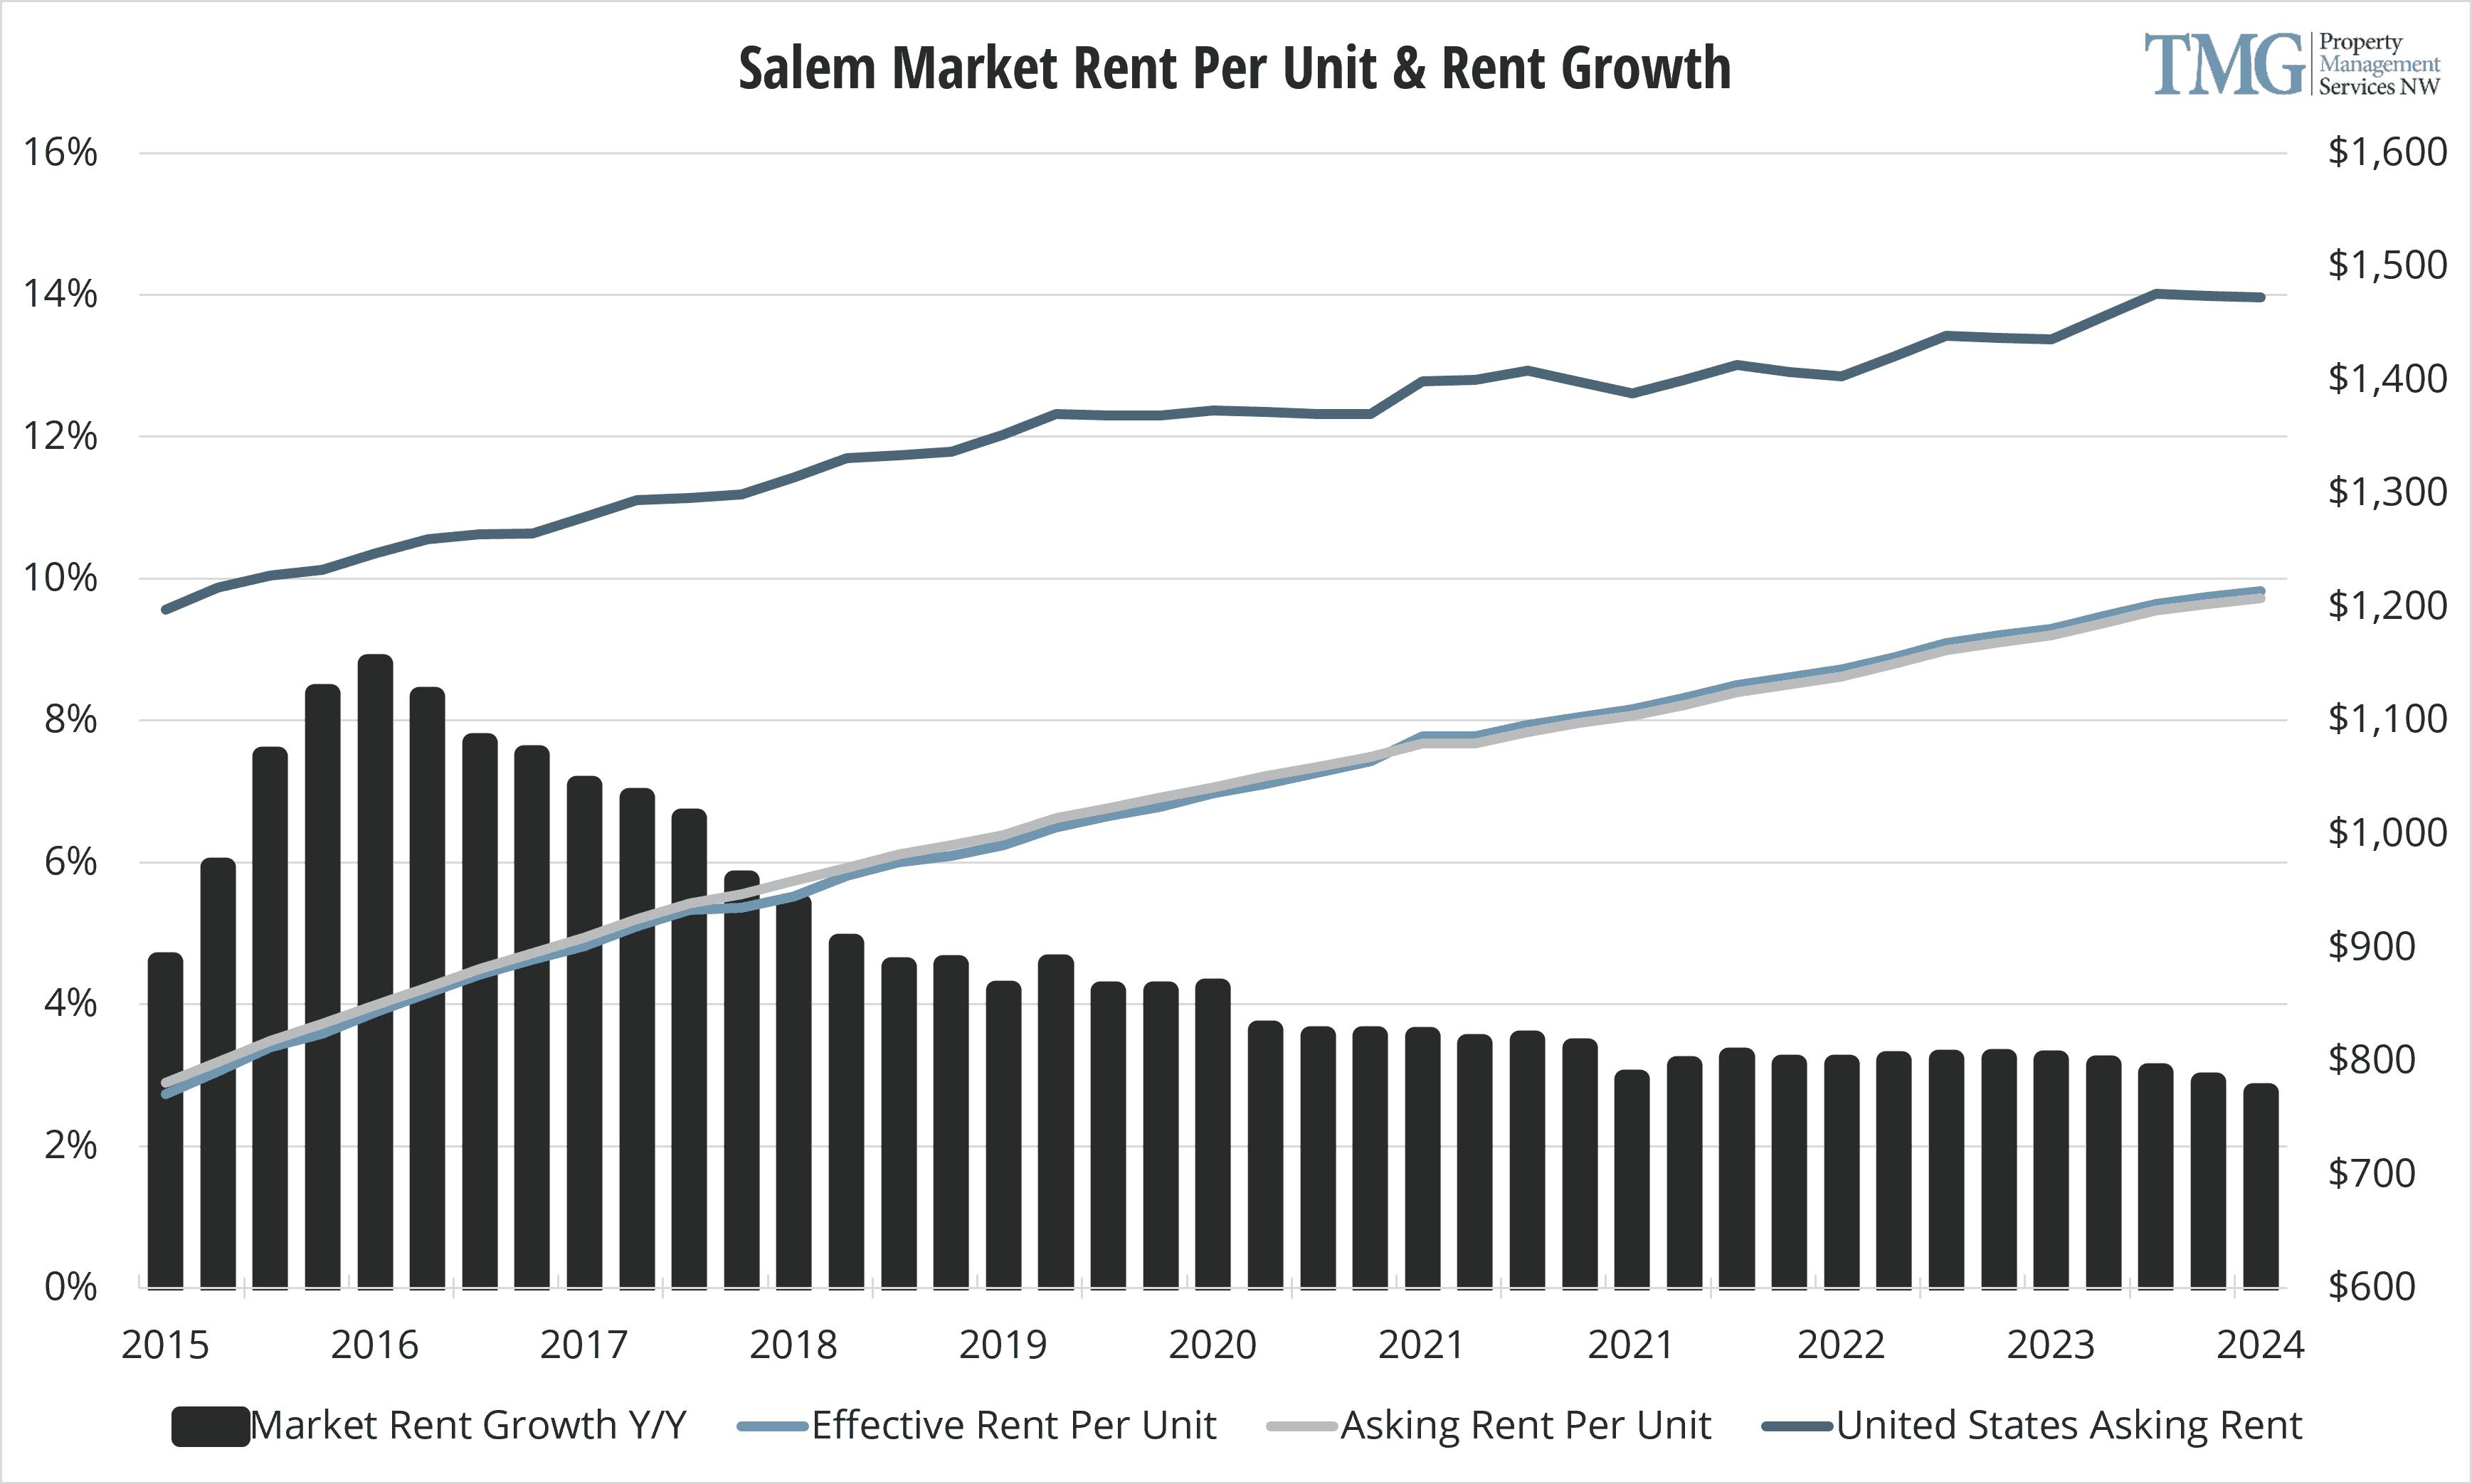 Salem Q1 2021 Rent Per Unit and Rent Growth